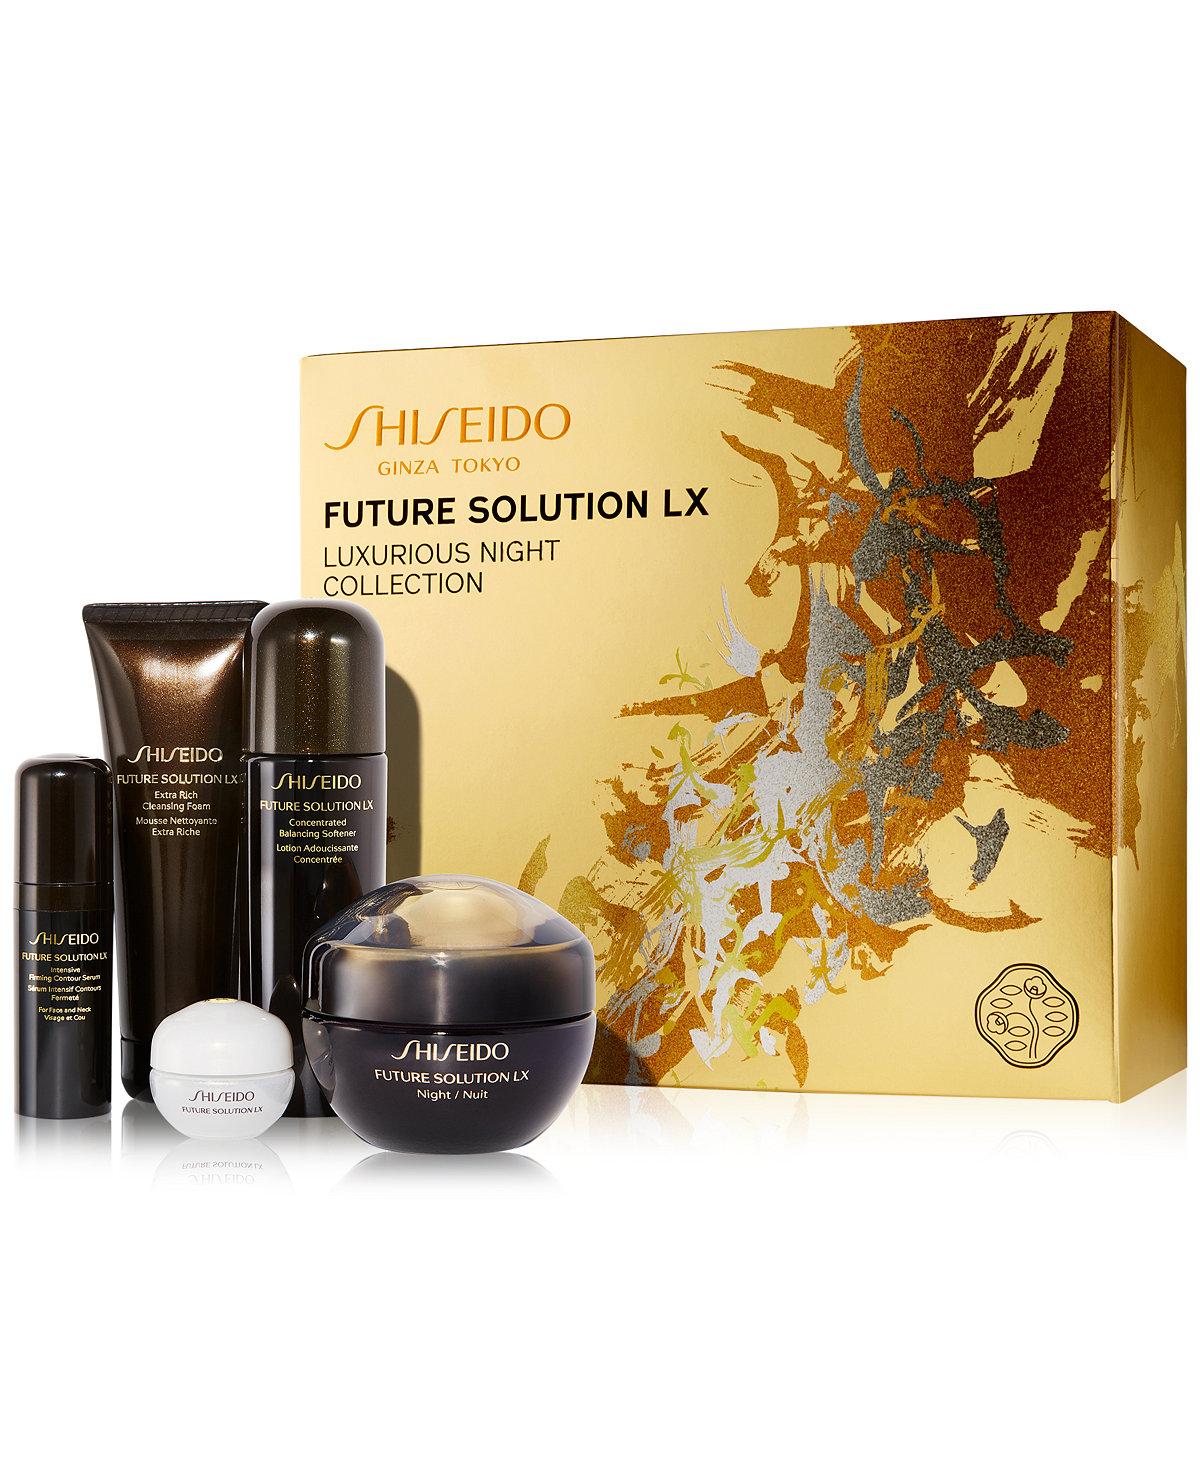 年度好价$238!国内专柜要几千人民币!快抢Shiseido资生堂奢华夜用套装(价值$436)!